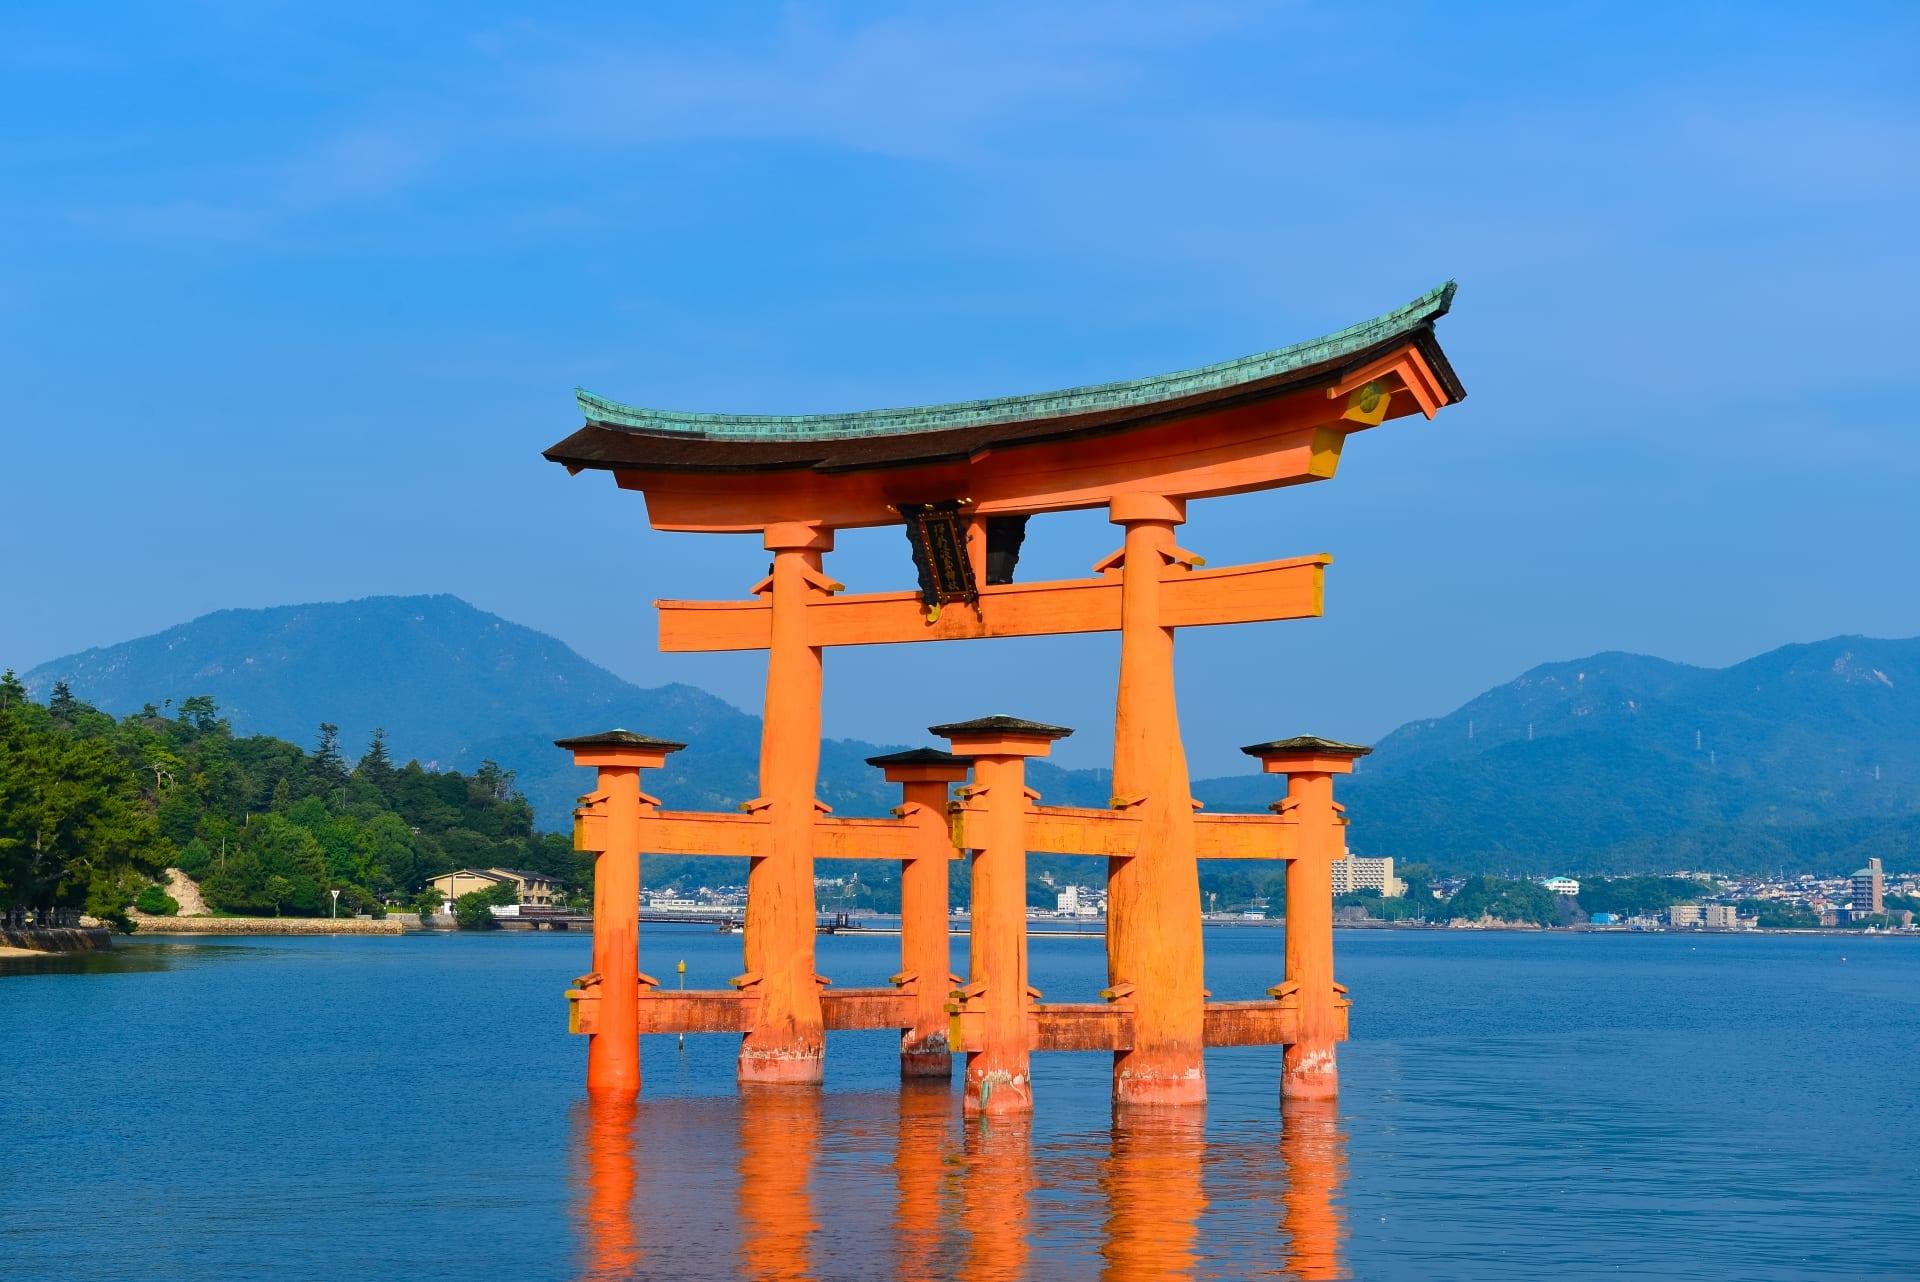 den-Itsukushima-hinh-anh-1